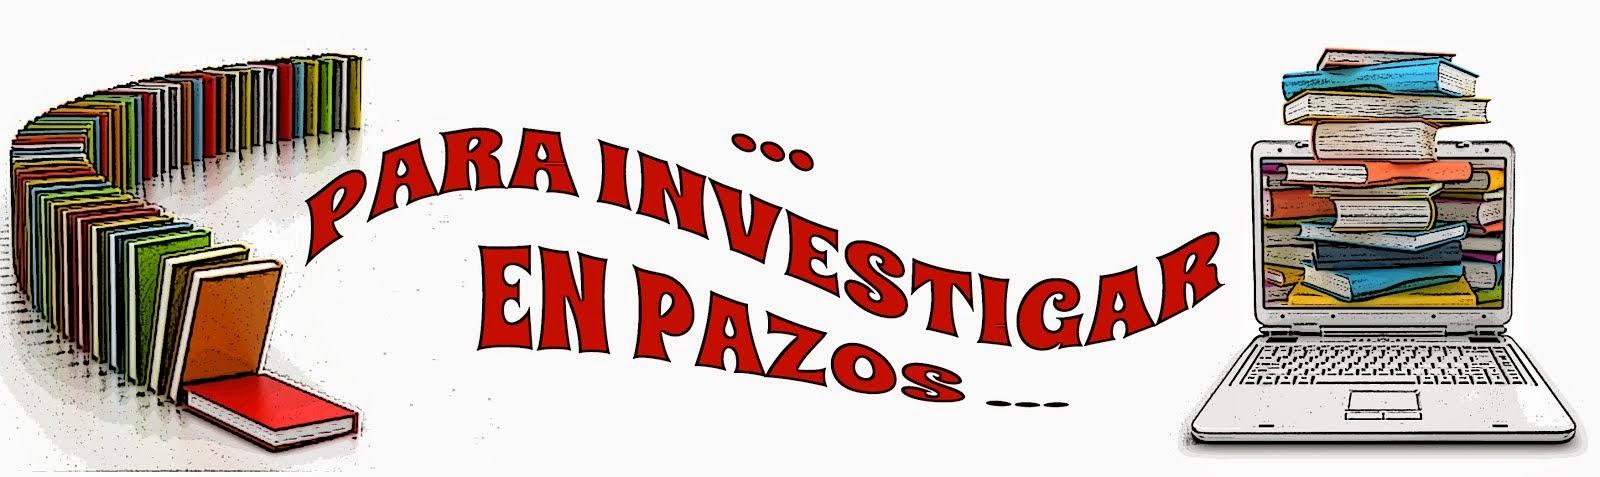 PARA INVESTIGAR EN PAZOS